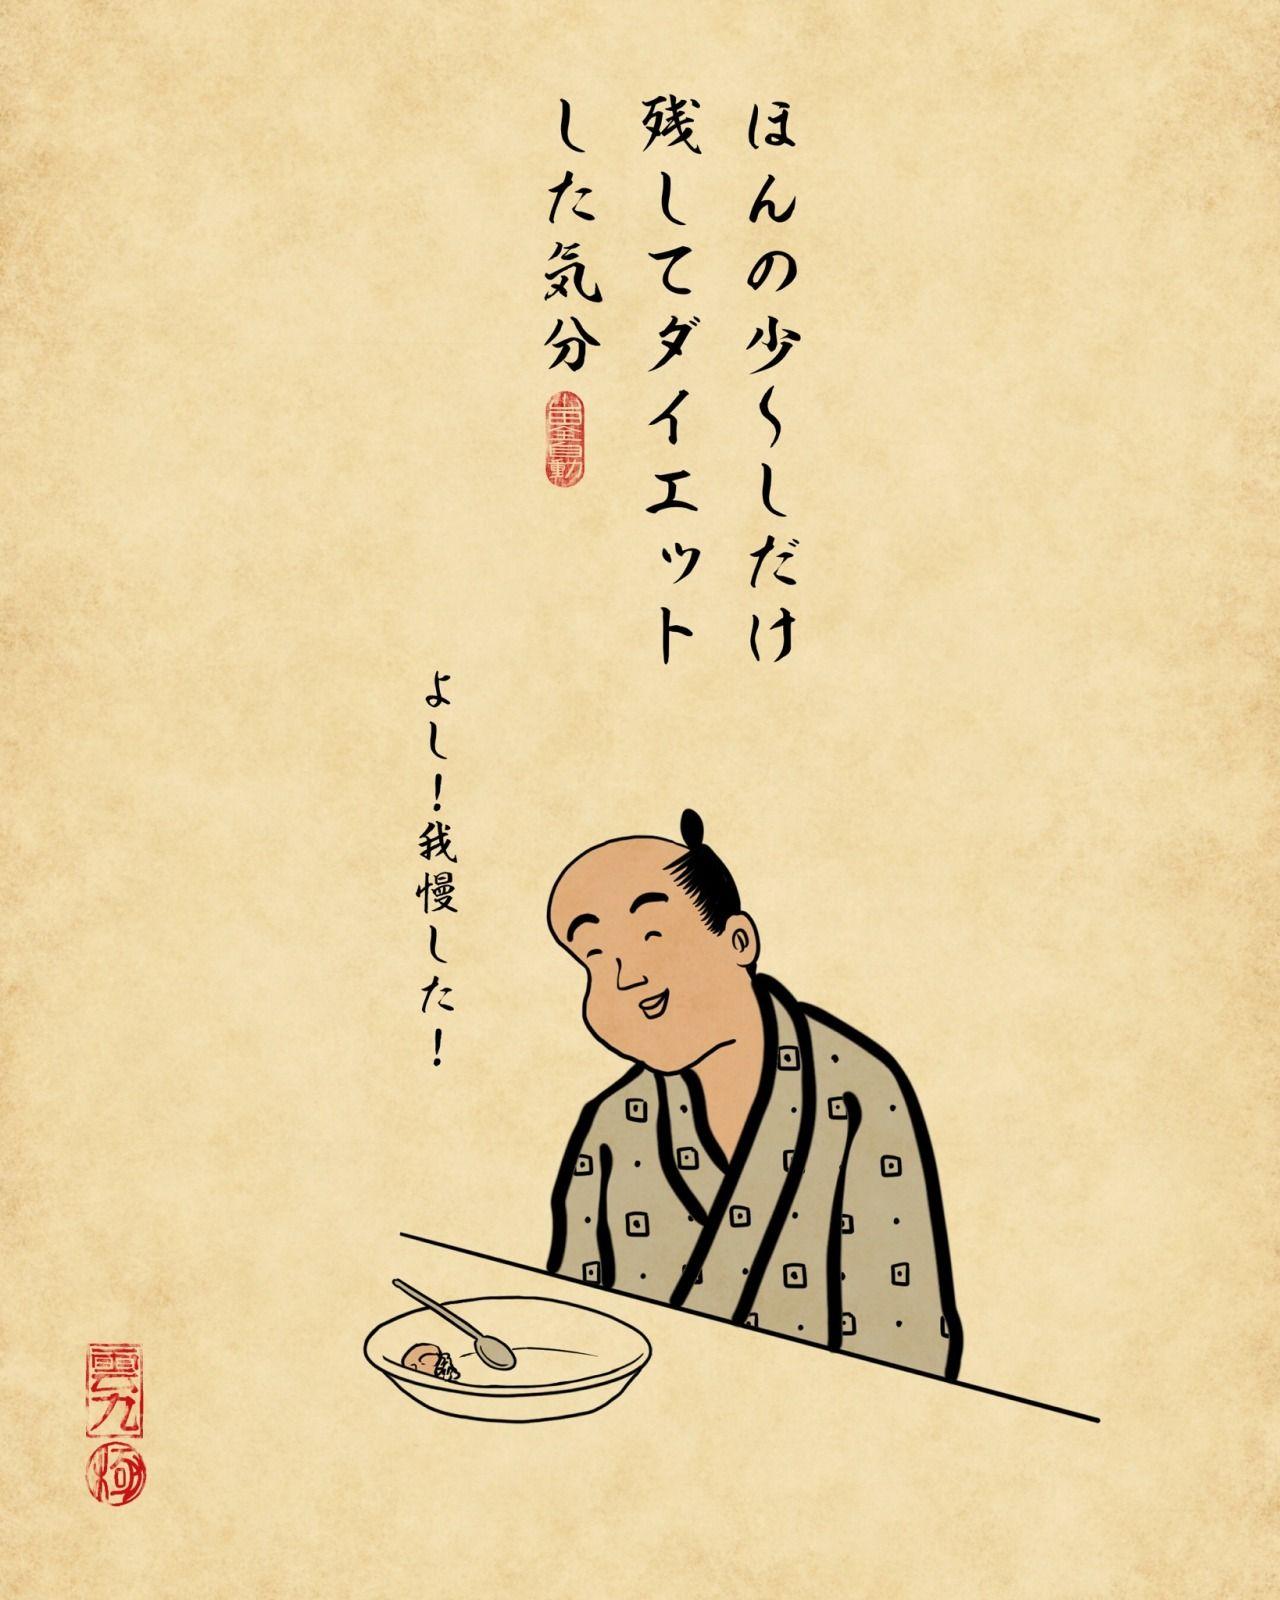 山田全自動 やまだぜんじどう 爆笑画像 面白い画像 面白い名言